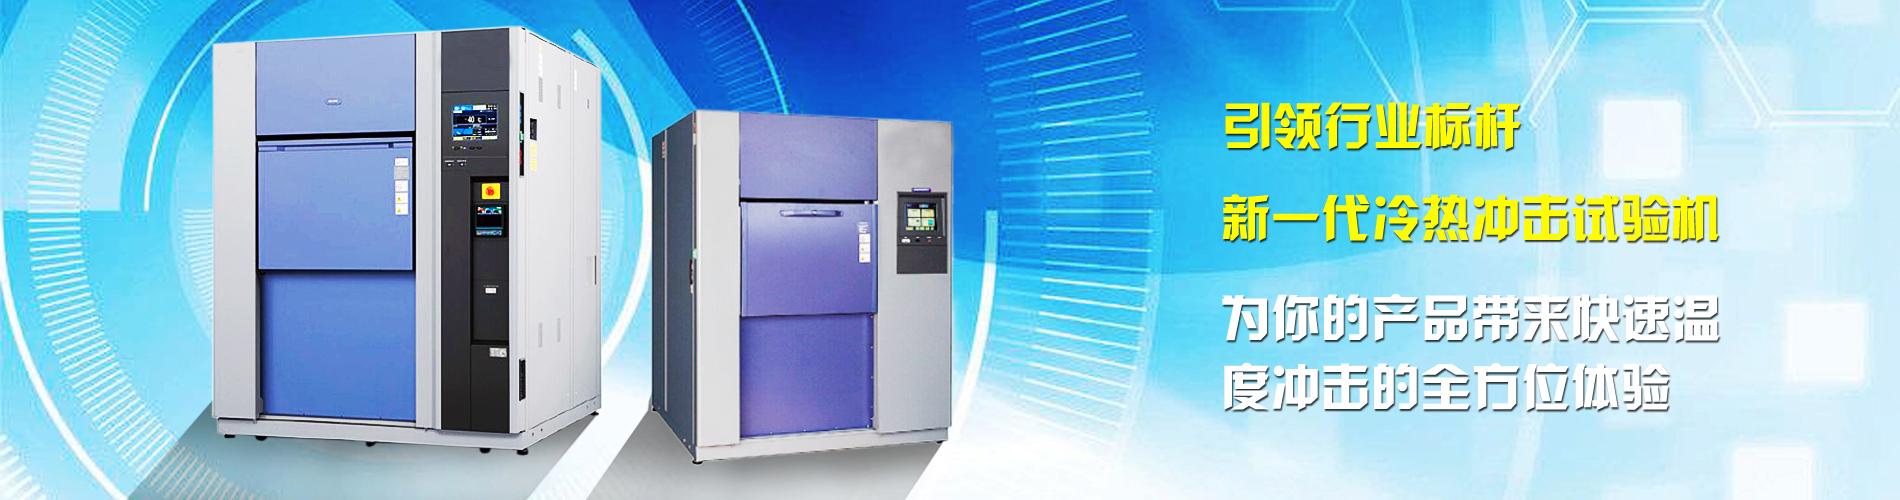 環境可靠性試驗設備產品